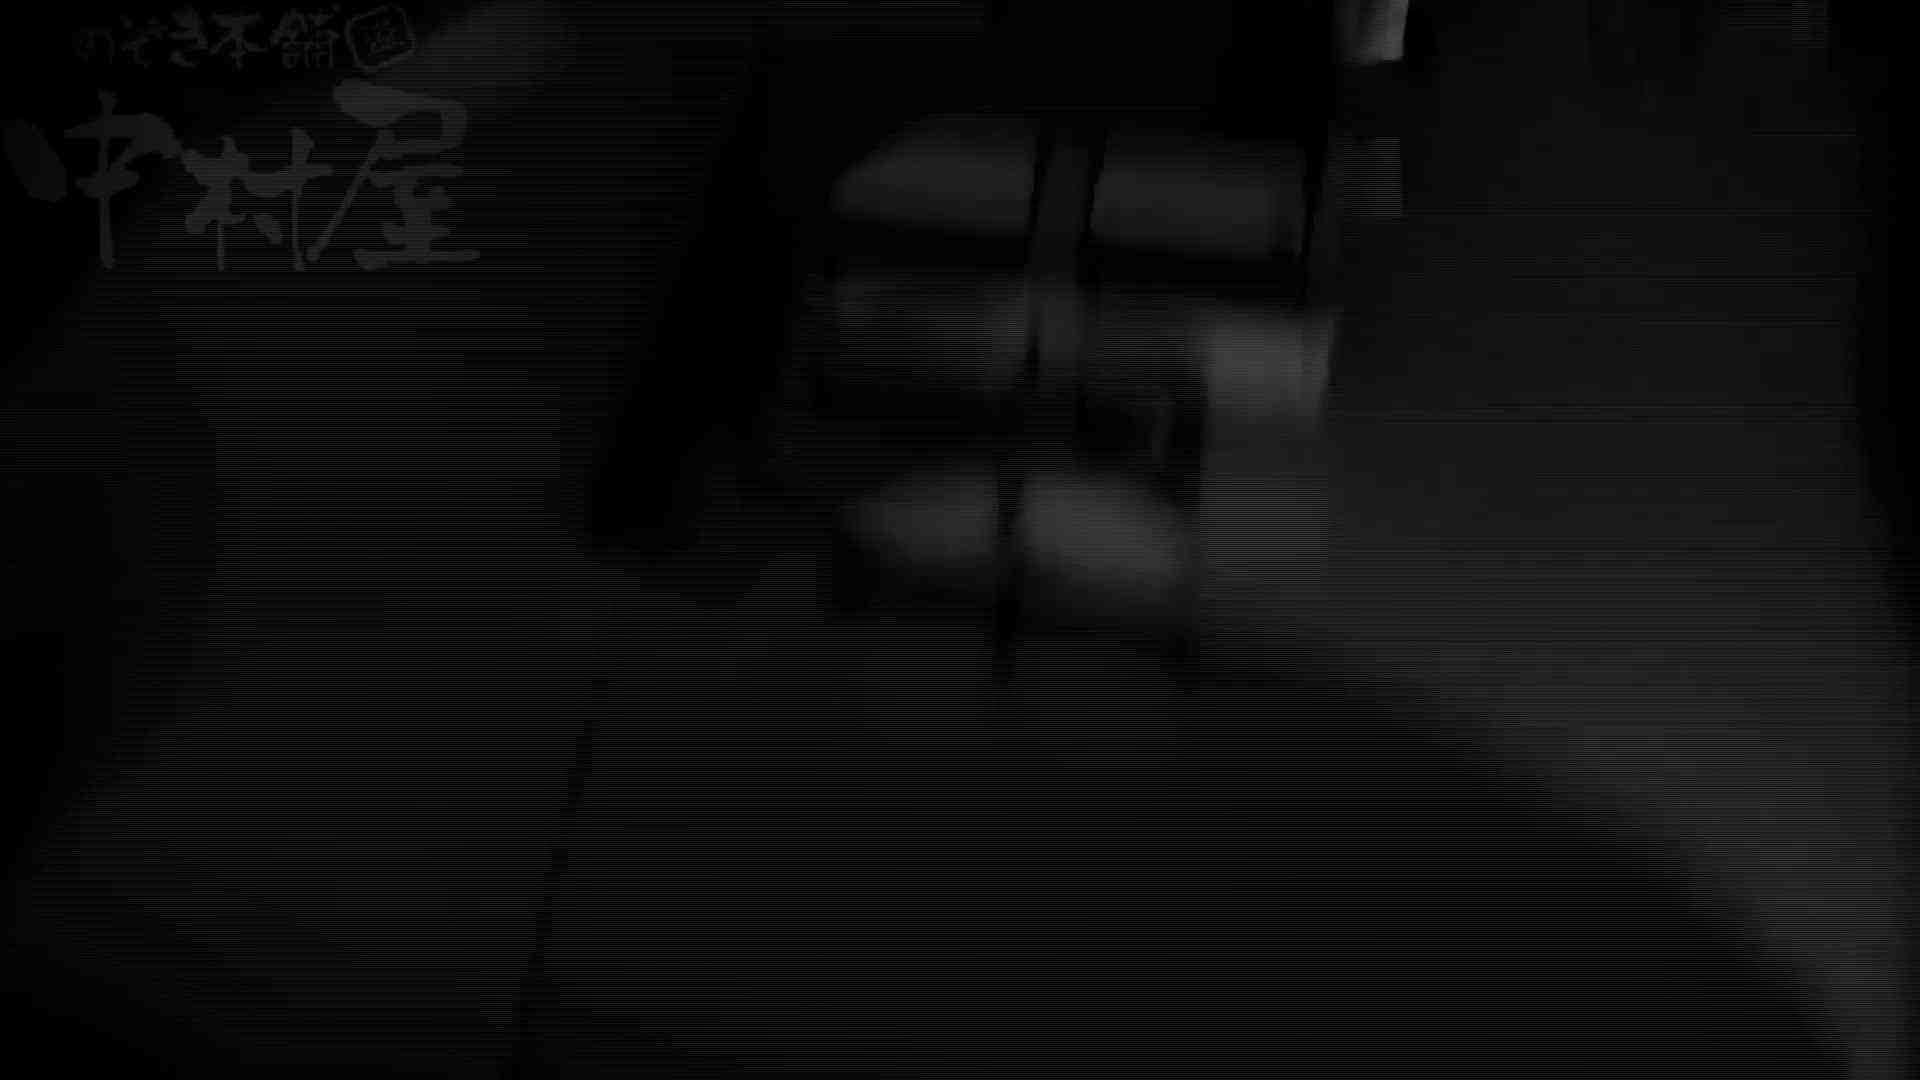 美しい日本の未来 No.22 未来進歩3 感動レベル予告のモデルつい登場か!! 盗撮映像  27Pix 27